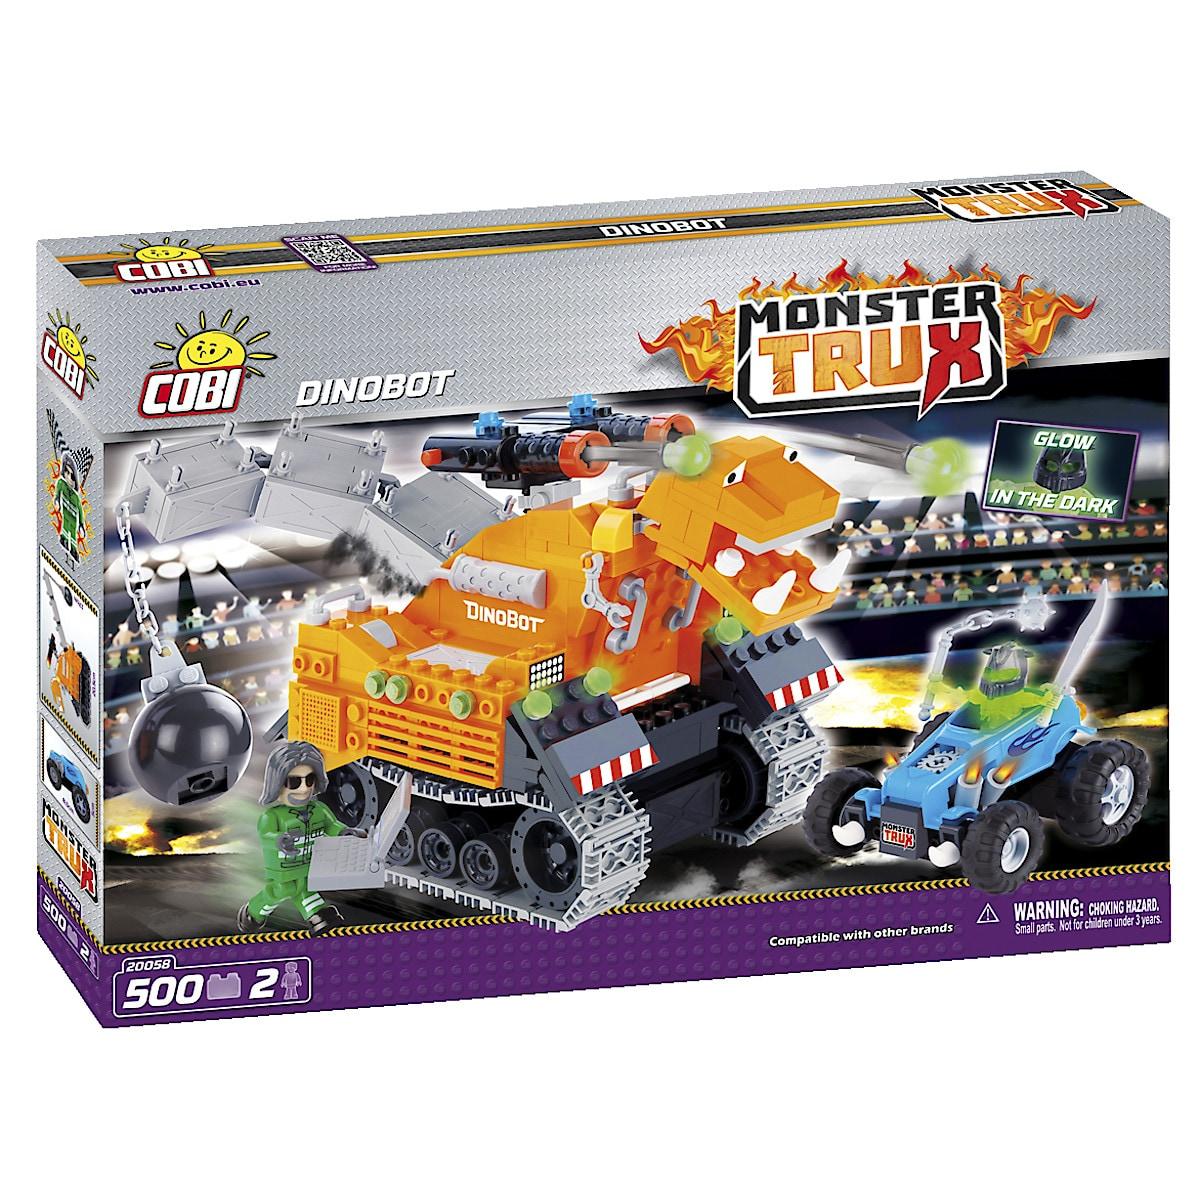 Byggklossar monstertruck dino, Cobi